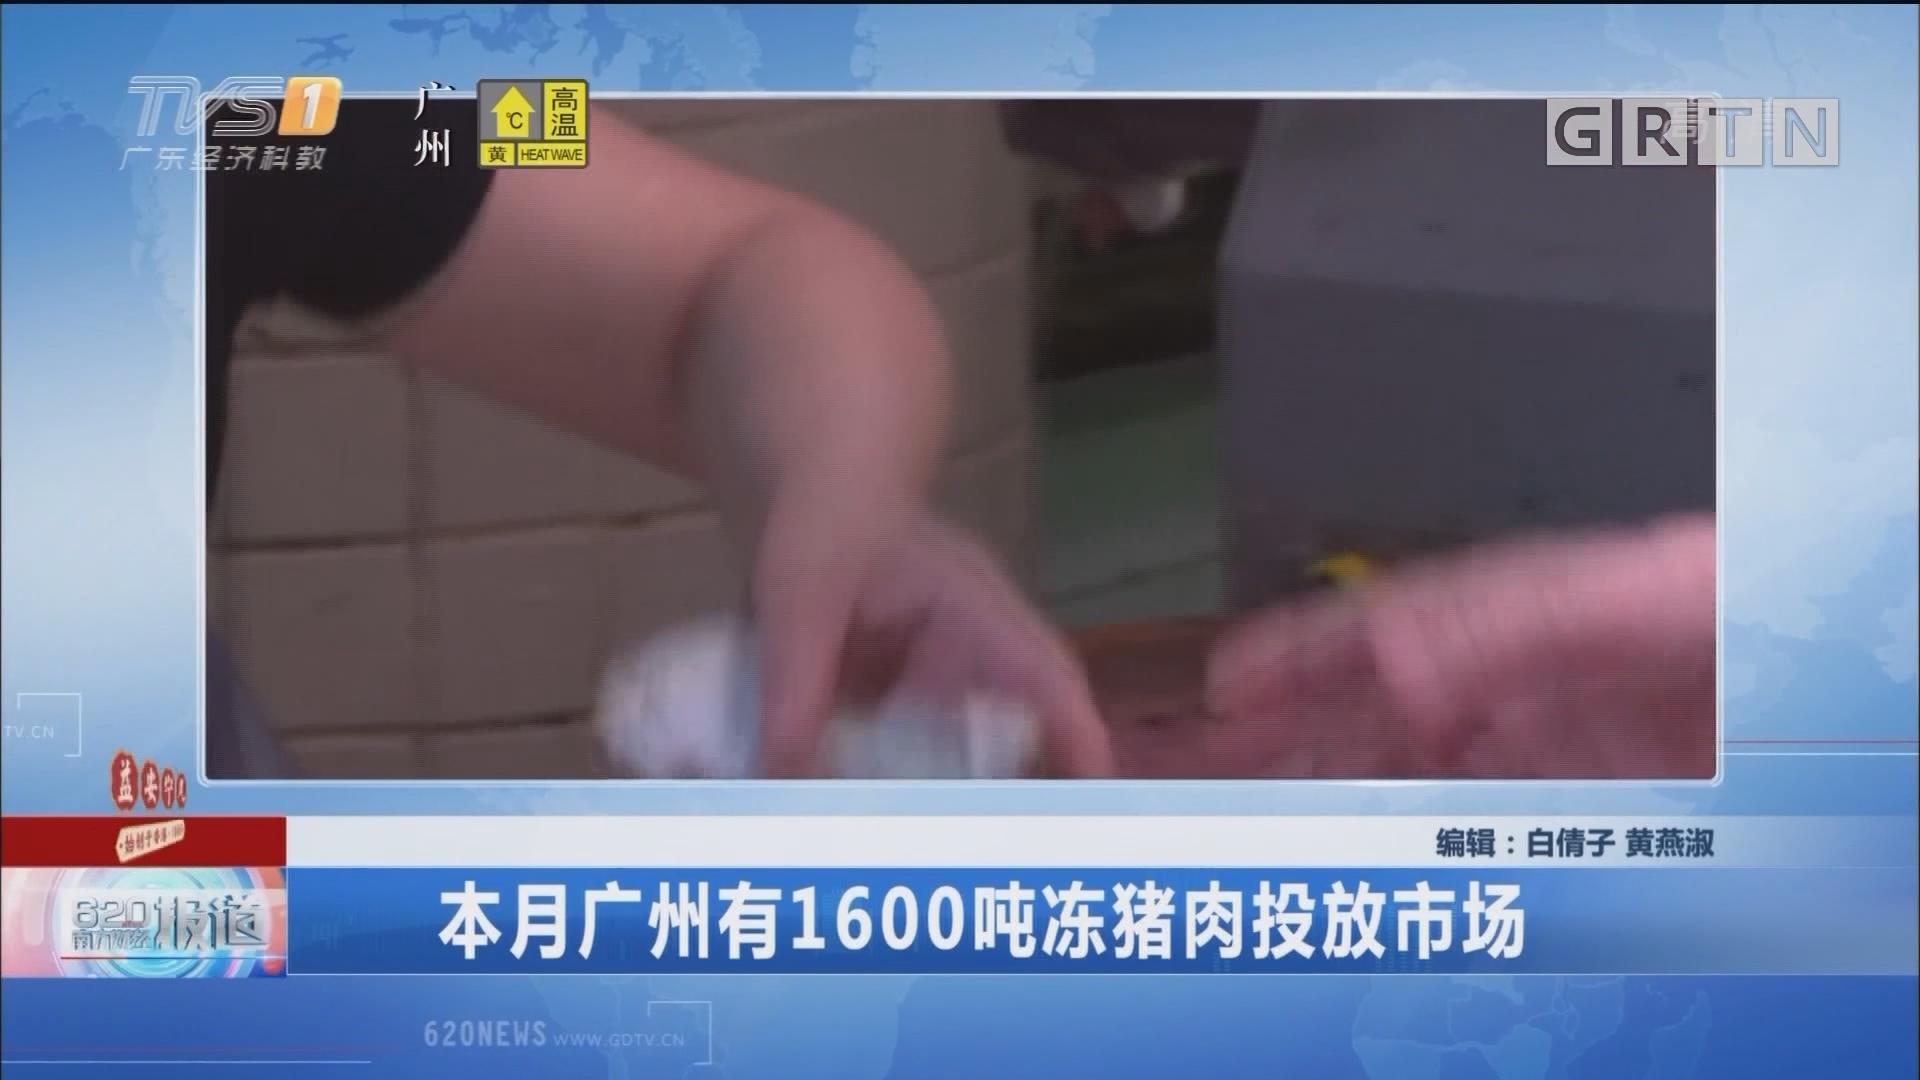 本月广州有1600吨冻猪肉投放市场